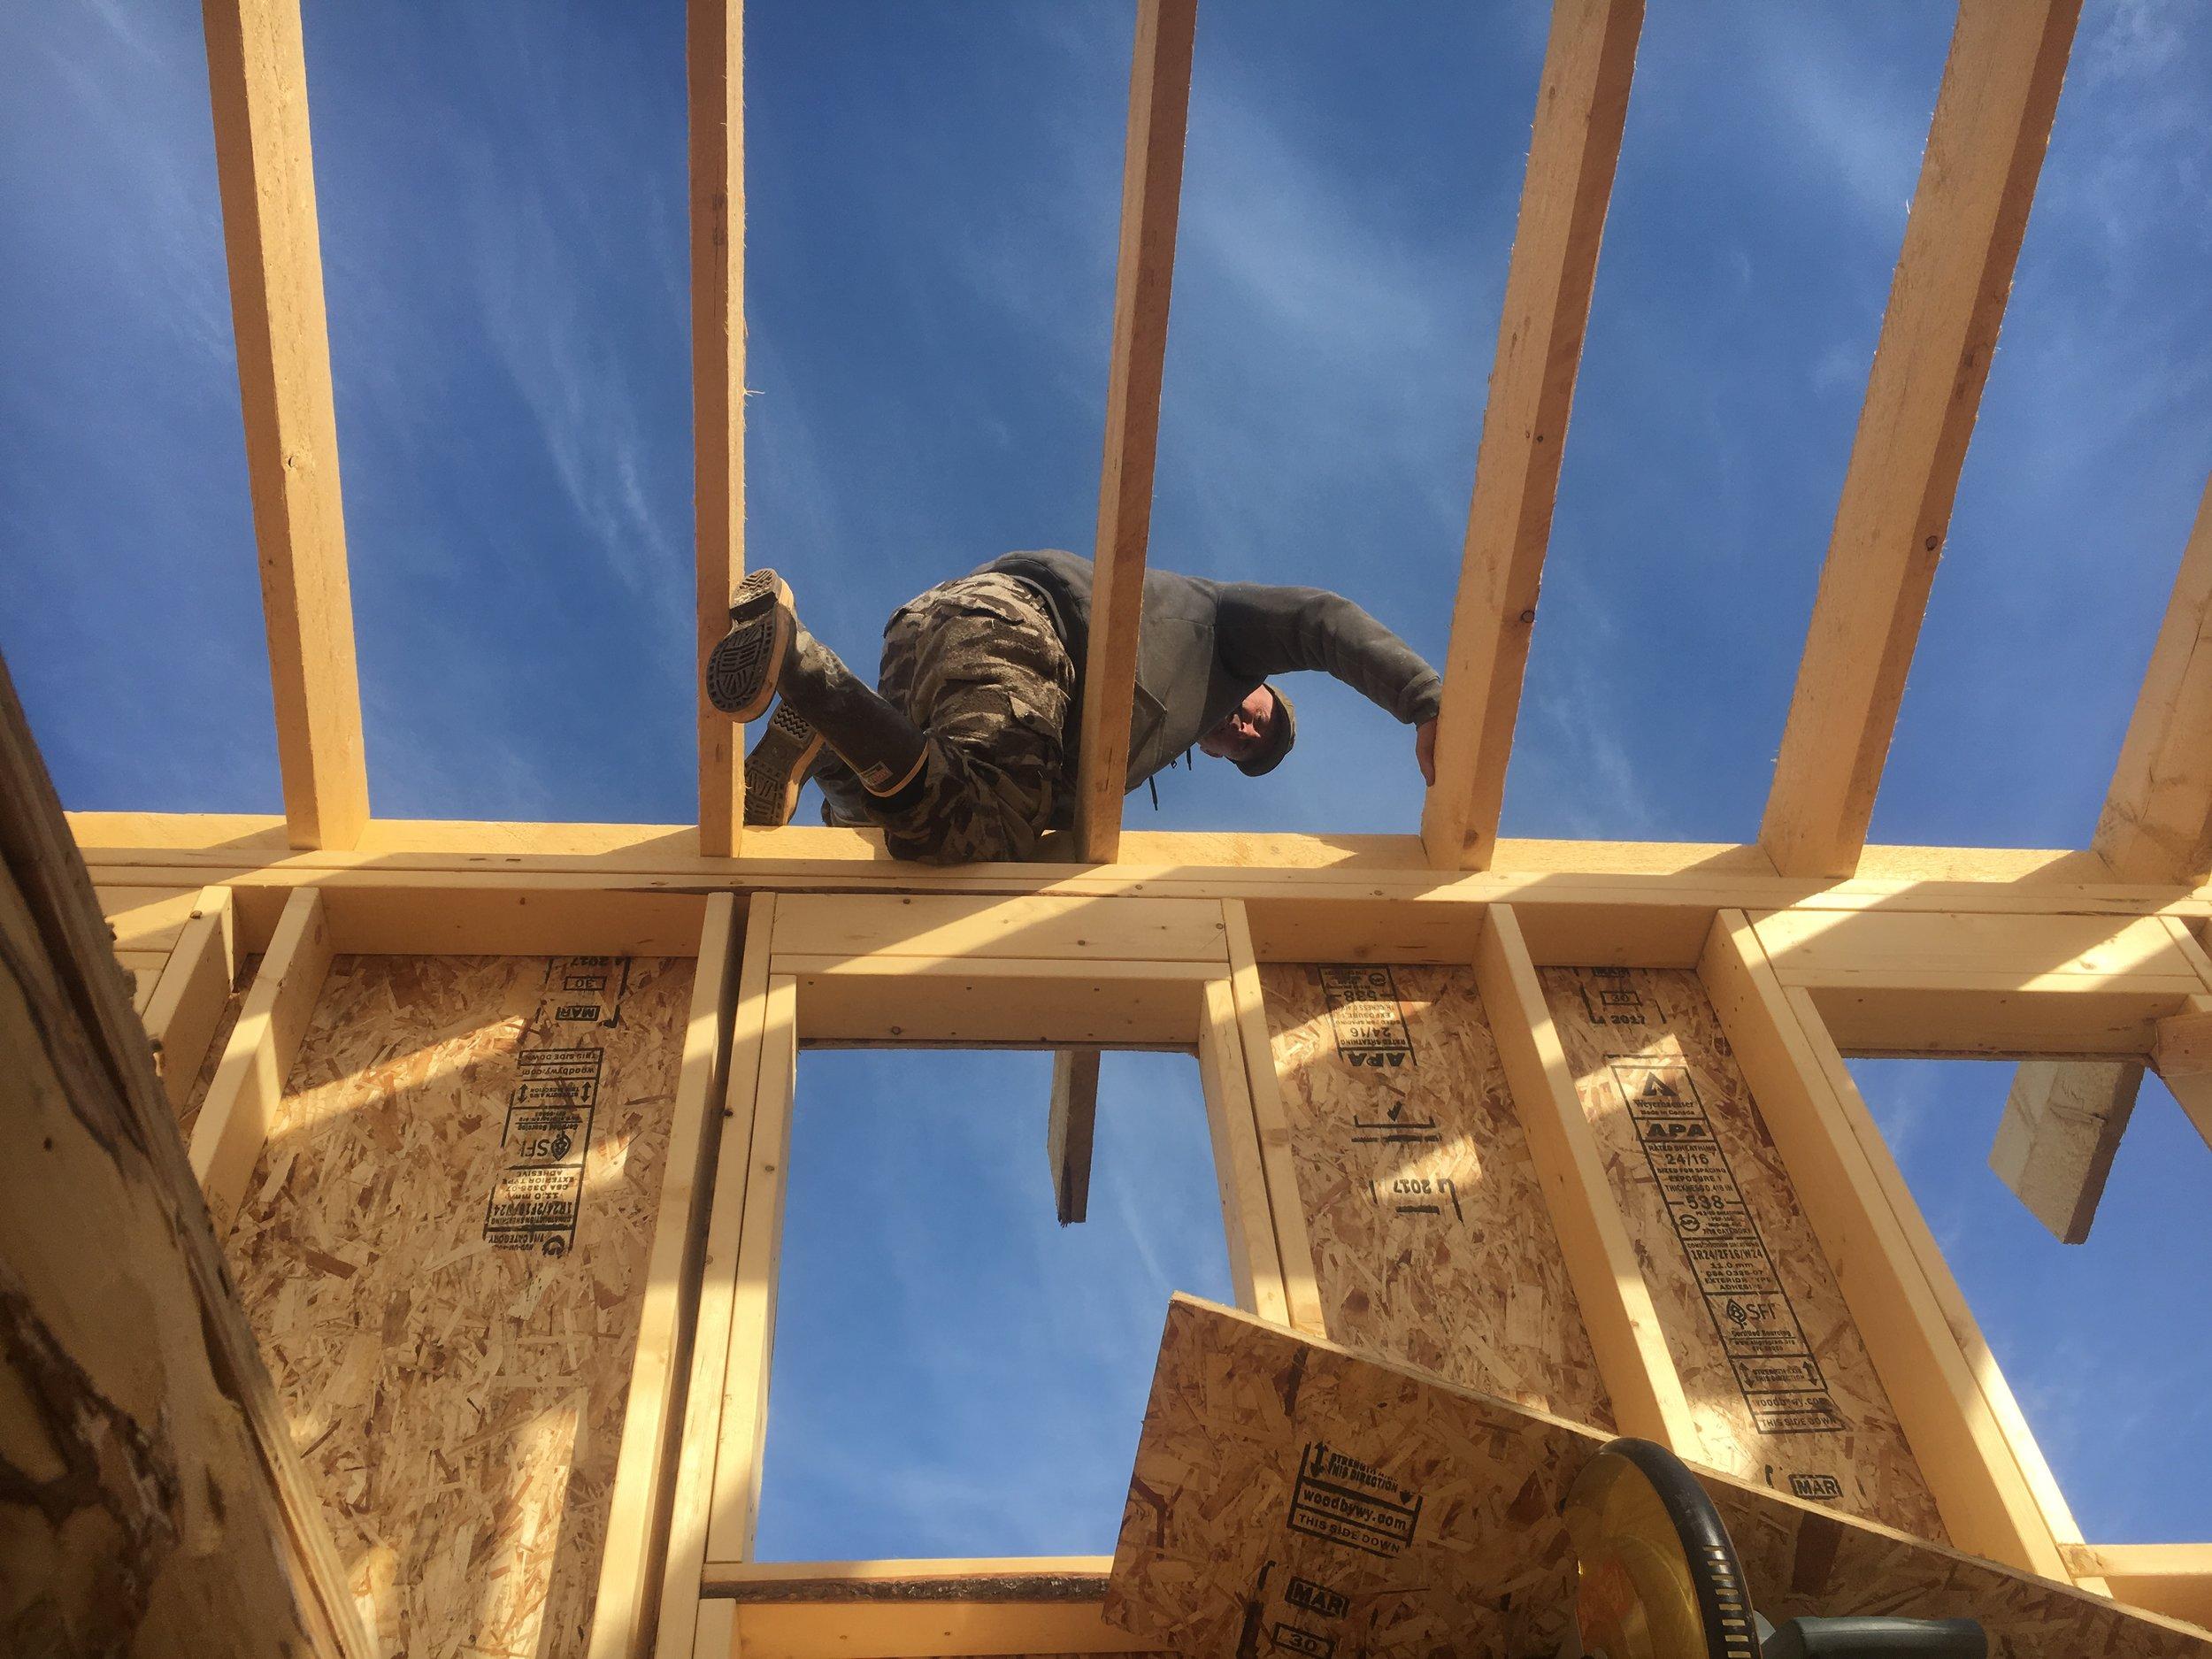 Derek climbing the rafters.